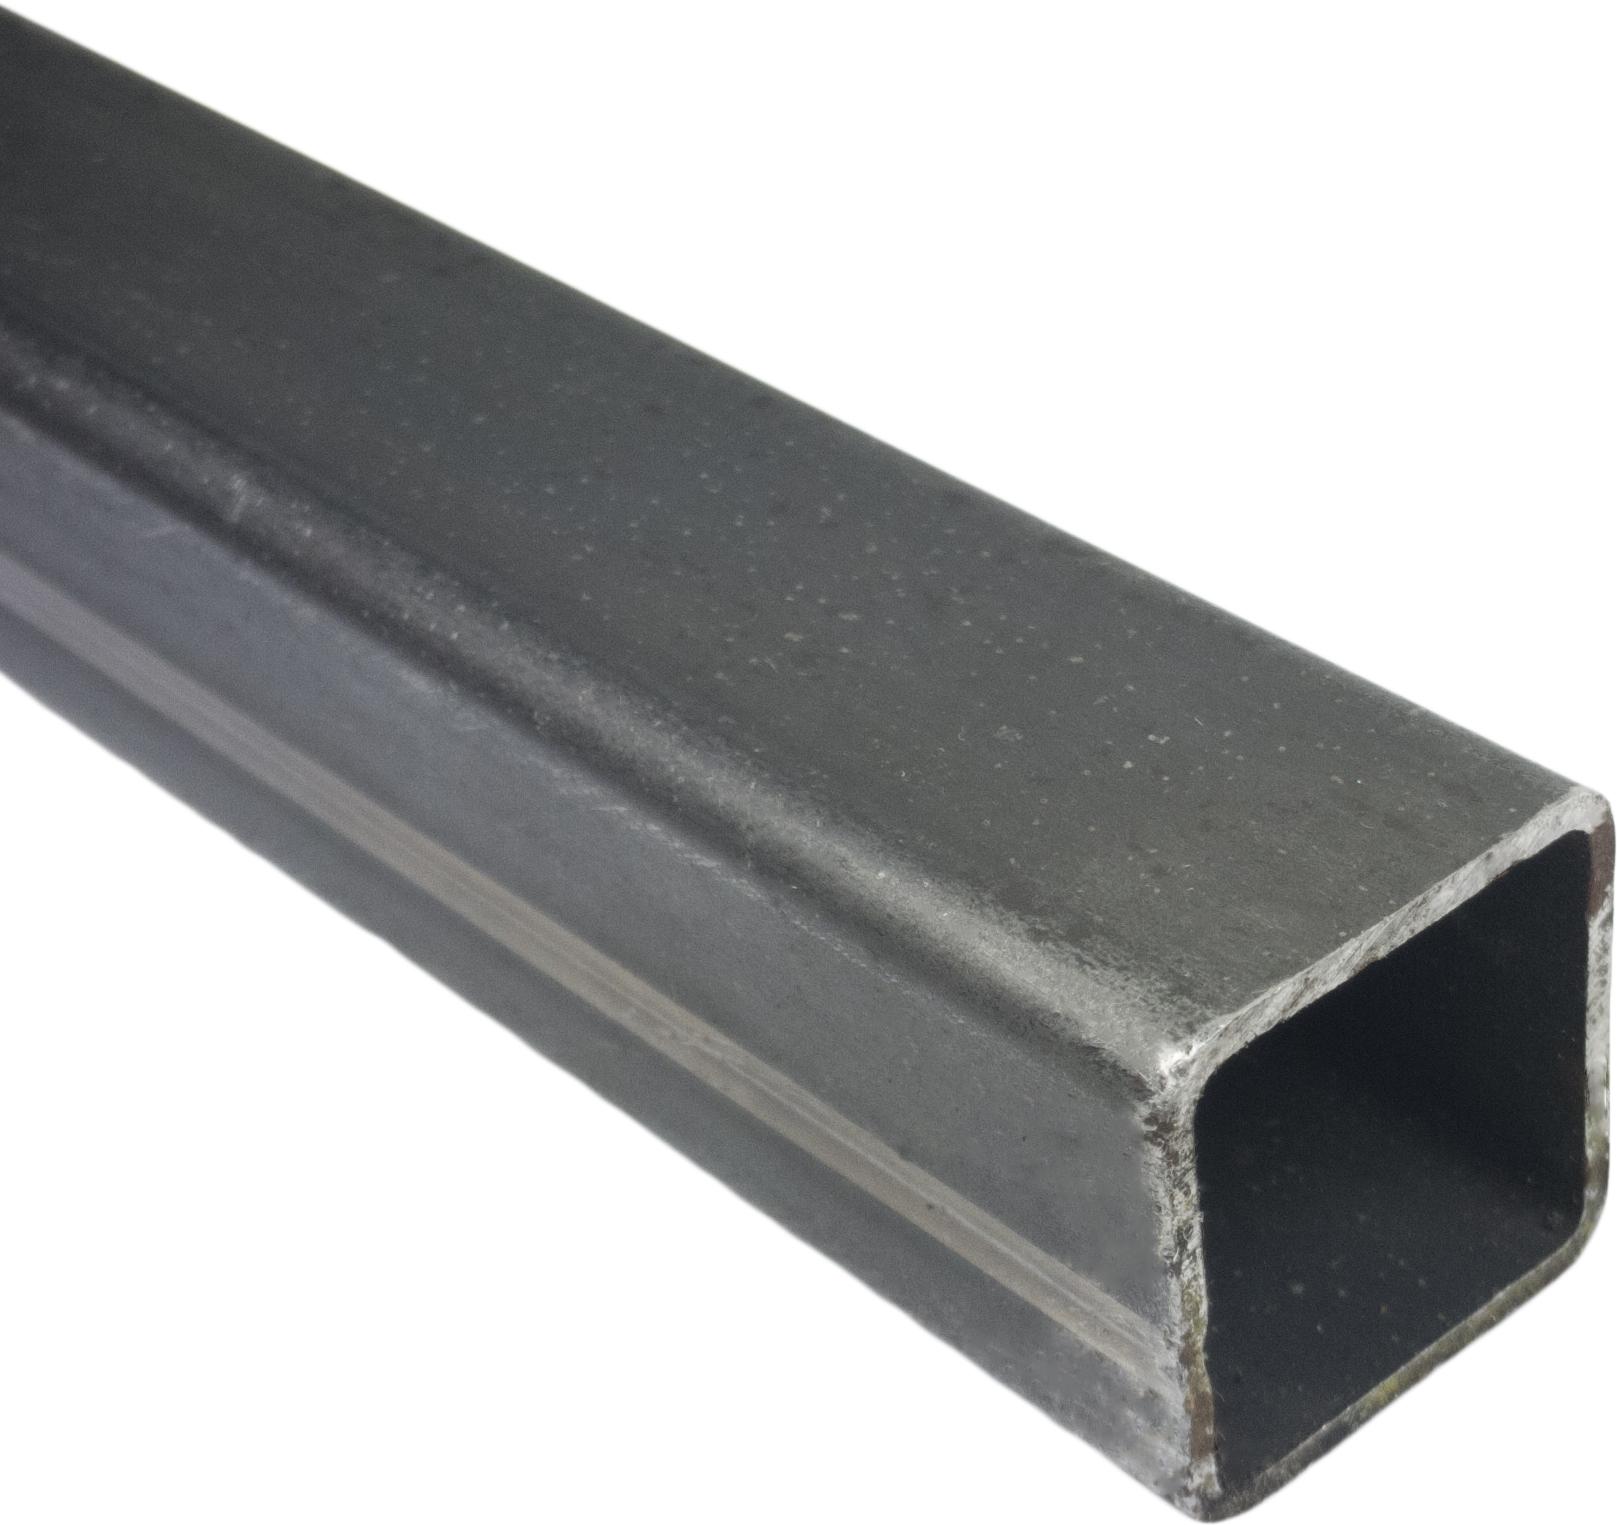 Profil stalowy zamknięty 40x40x2 długość 1000mm